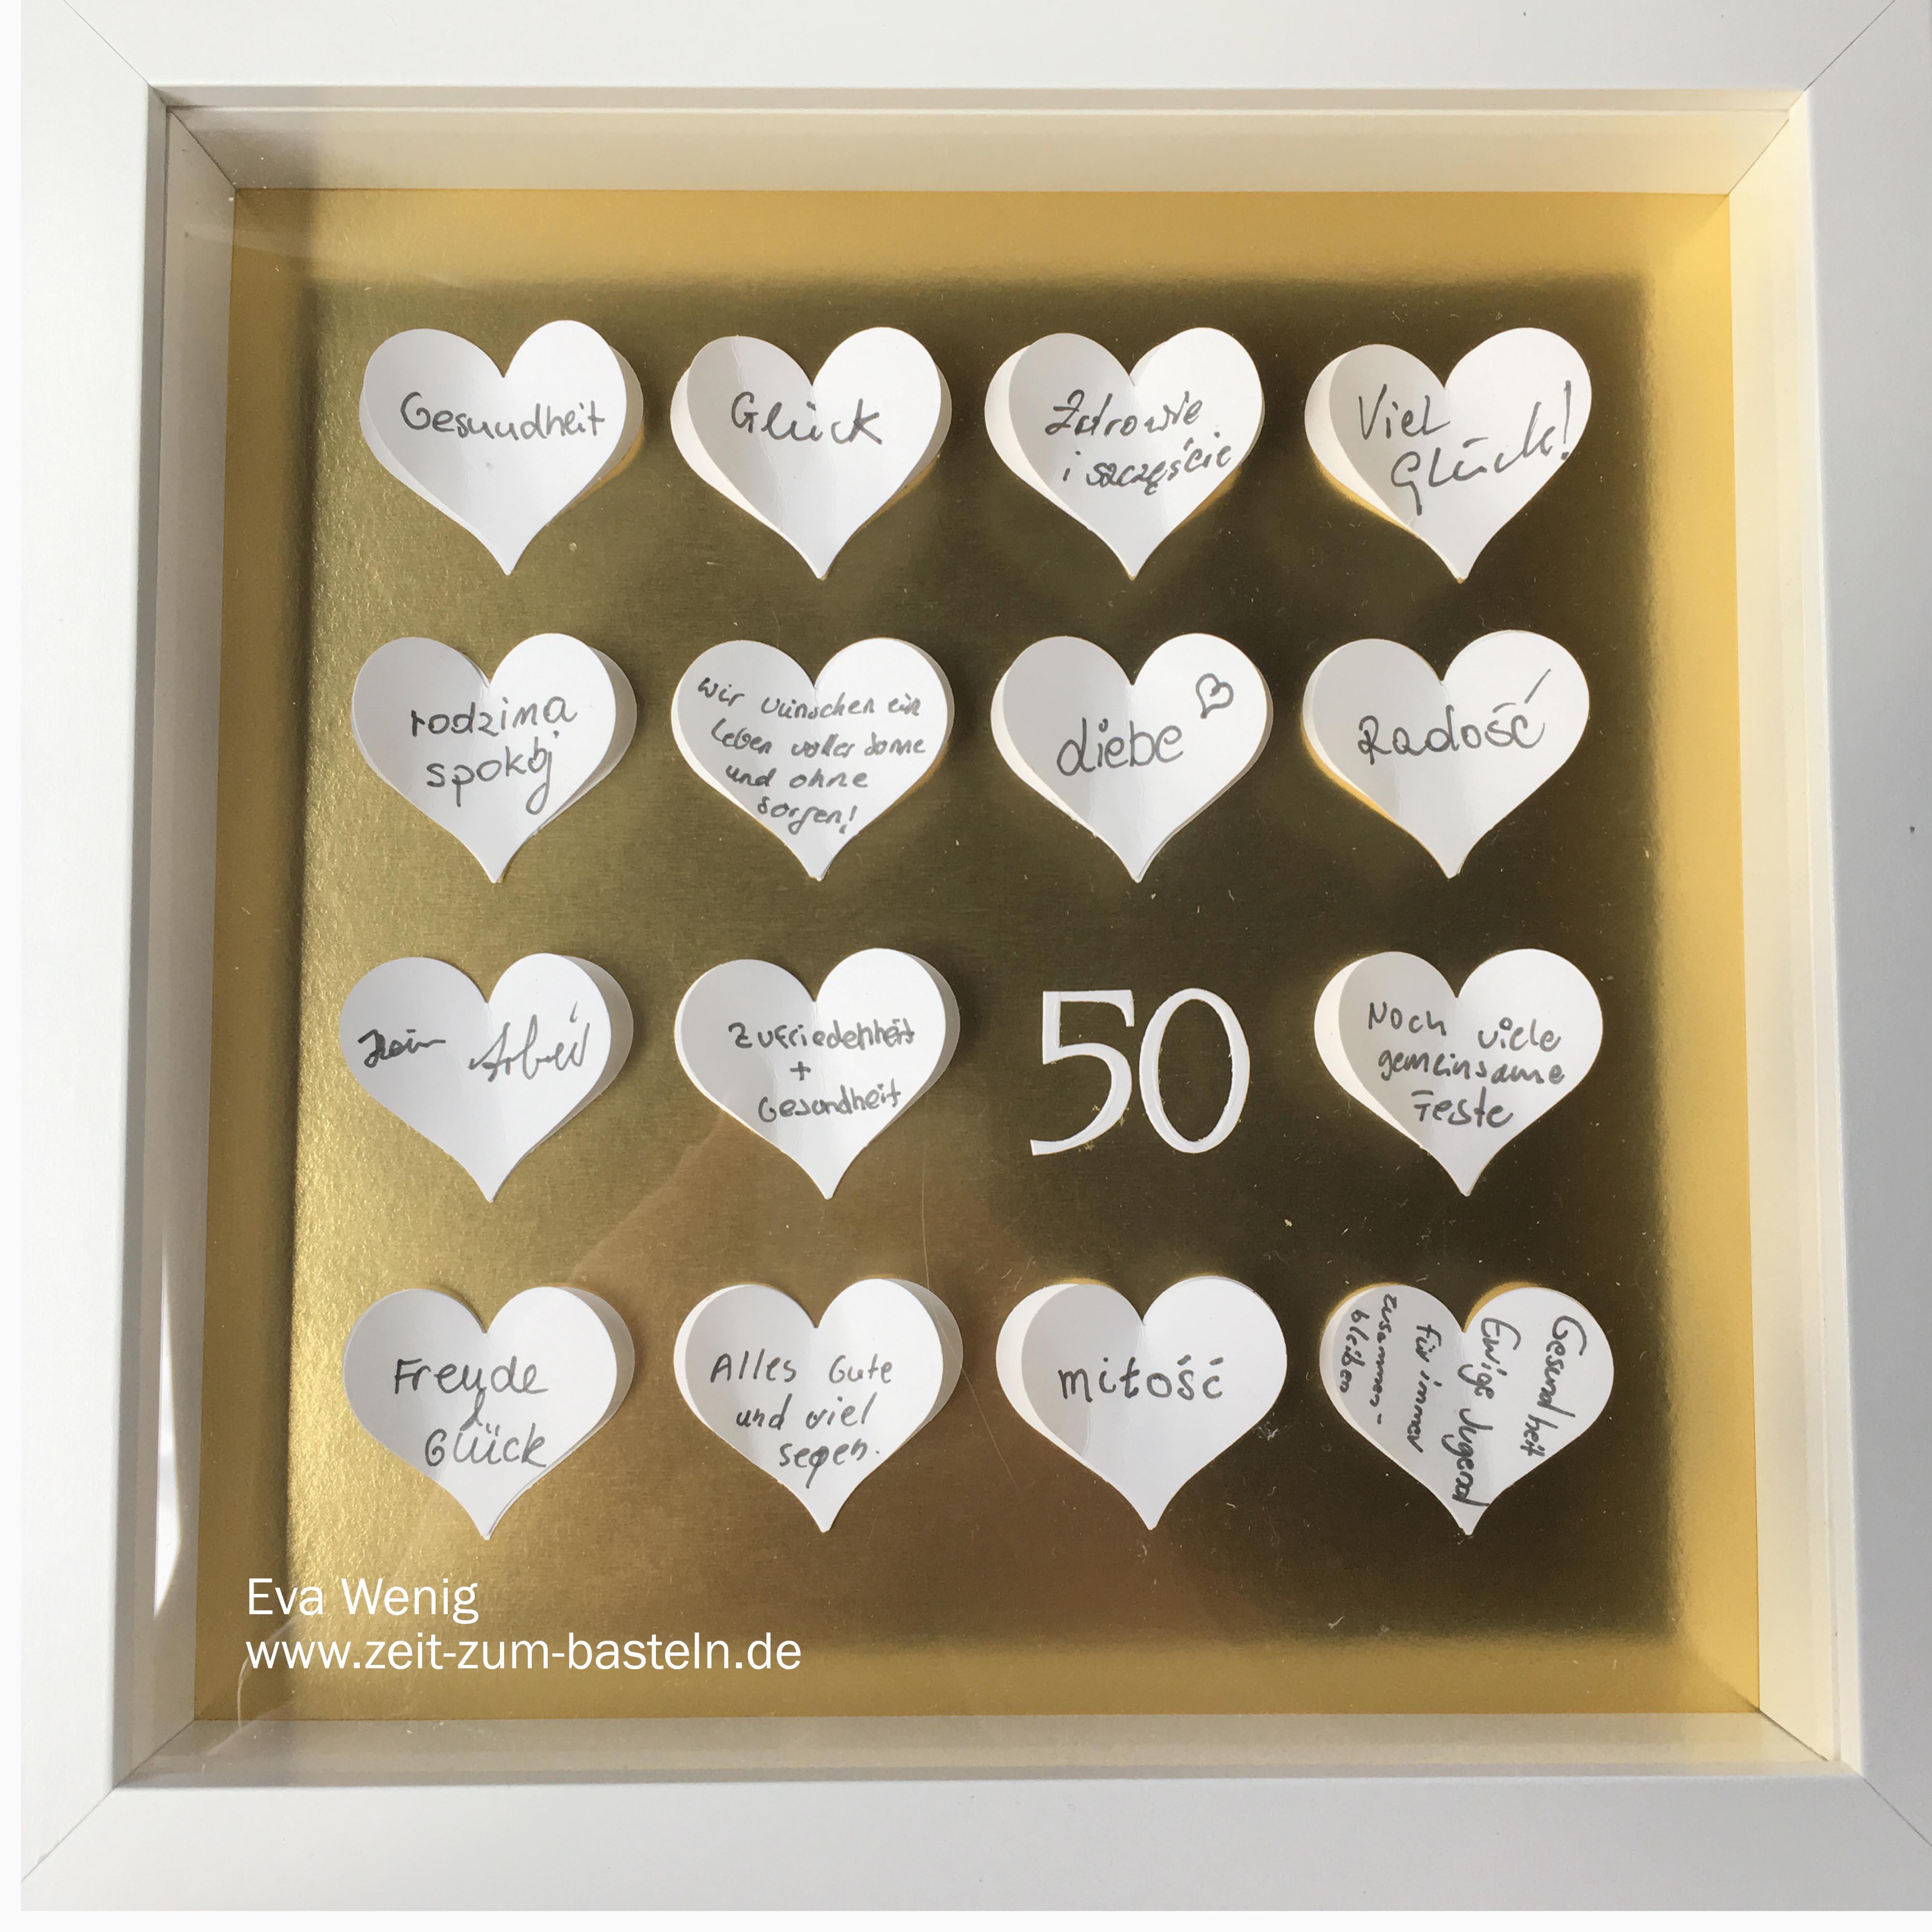 goldene hochzeit 50 wunderbare jahre zeit zum bastelnzeit zum basteln. Black Bedroom Furniture Sets. Home Design Ideas